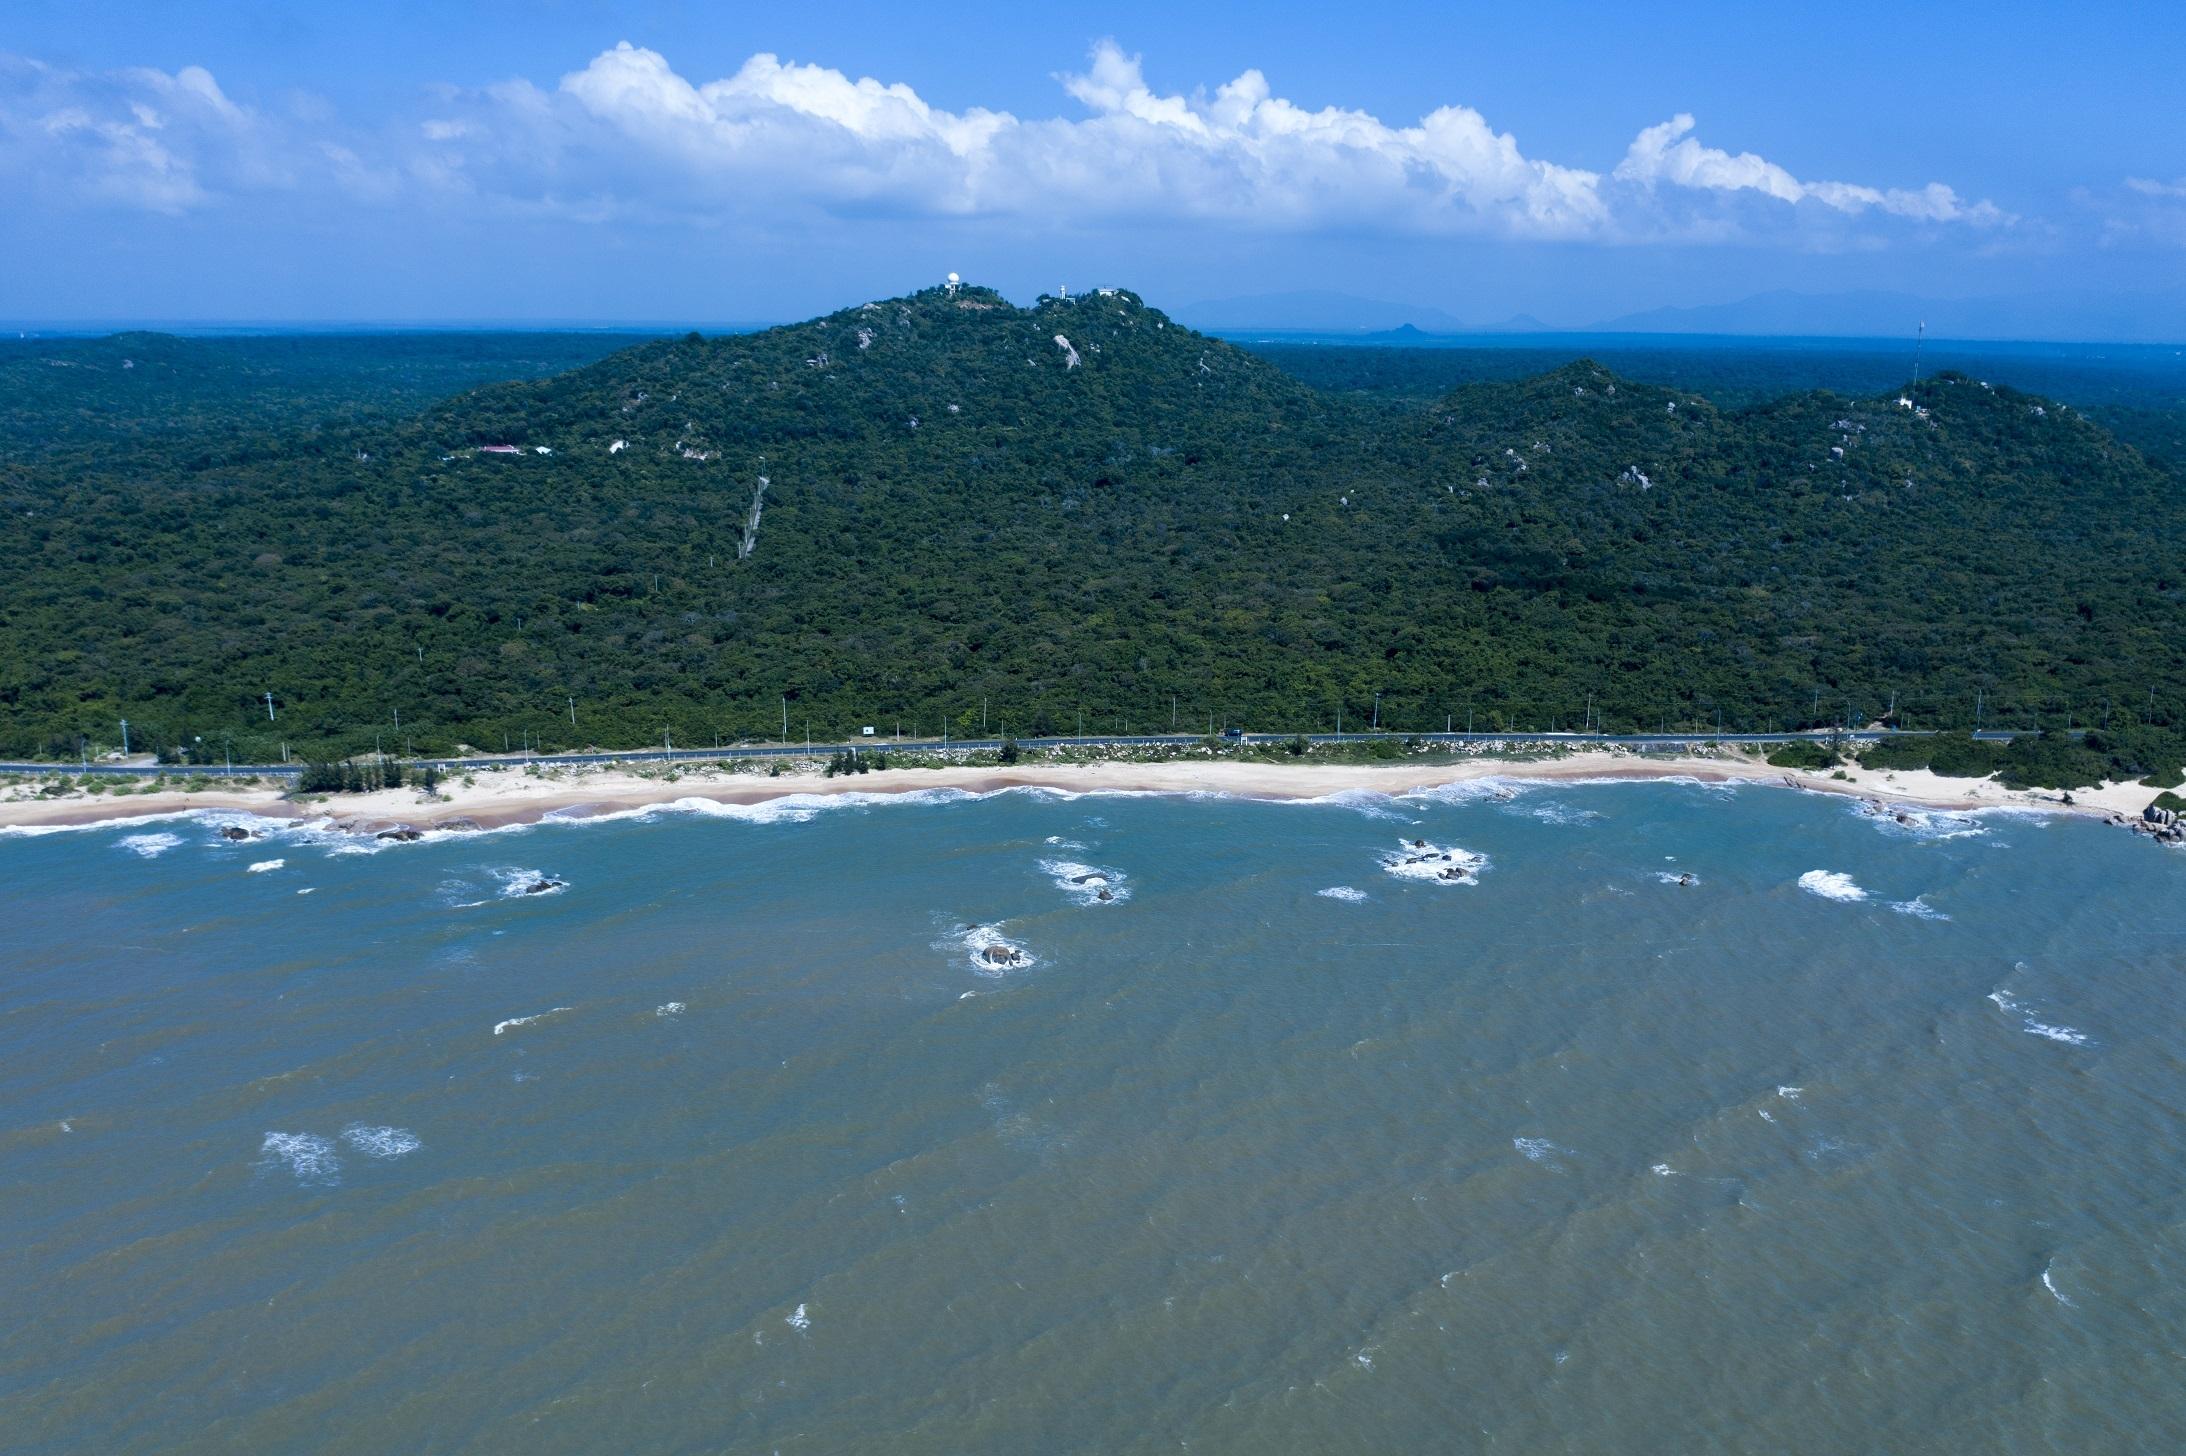 Đường bờ biển trải dài hơn 30 km của Hồ Tràm thích hợp cho nhiều hoạt động trải nghiệm biển. Ảnh: Hữu Khoa.